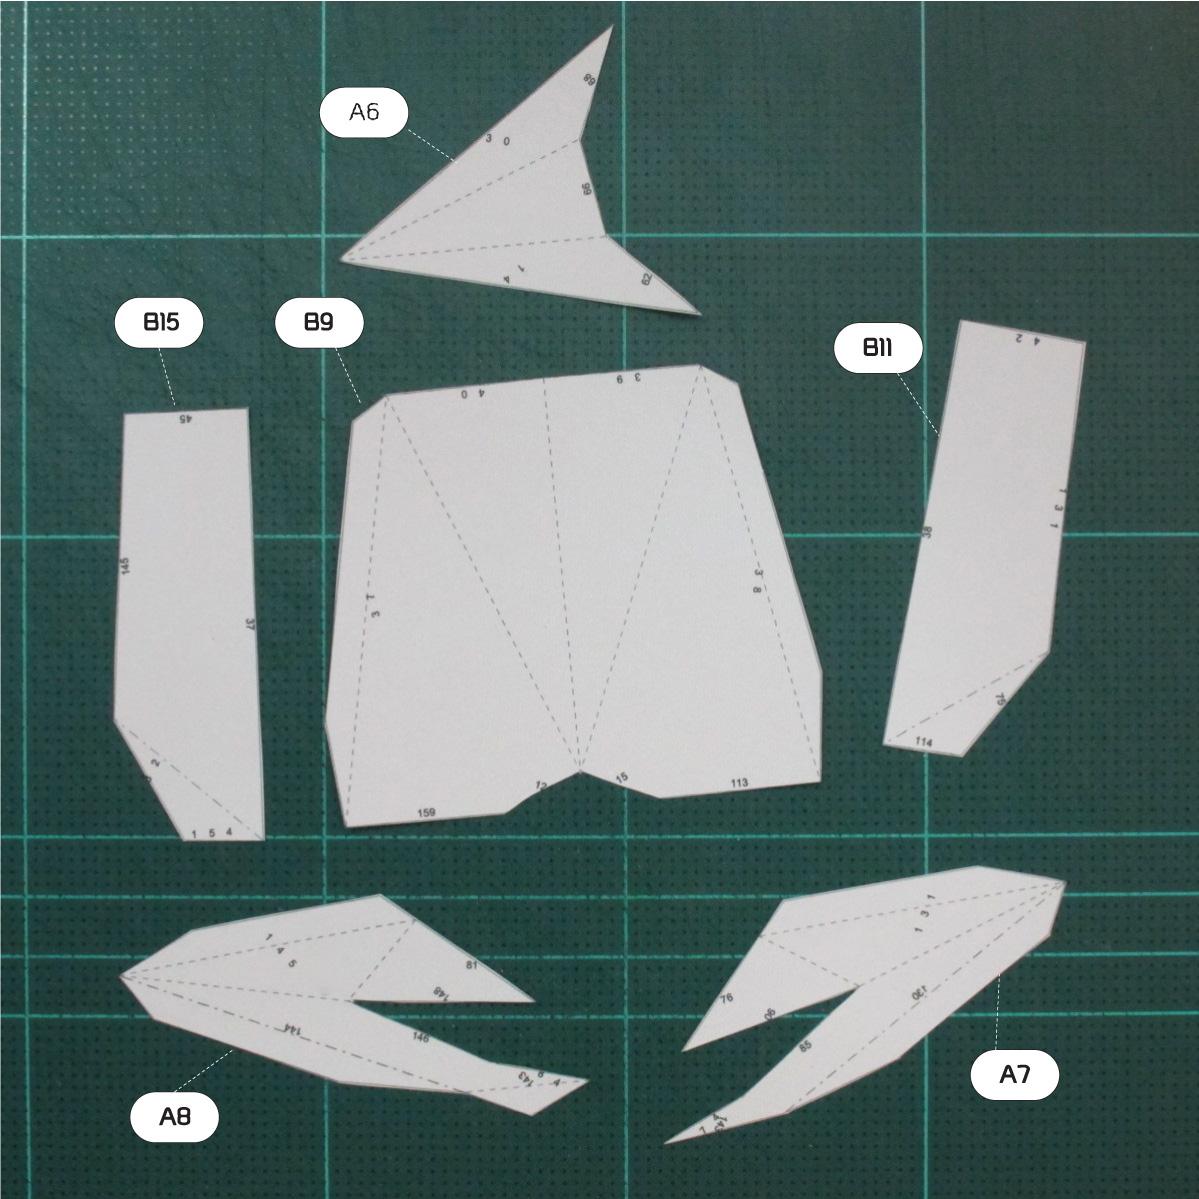 วิธีทำโมเดลกระดาษคุกกี้รันจิ้งจอกเก้าหางในร่างหมาจิ้งจอก (Cookie Run Ninetails Fox Form Papercraft Model) 006